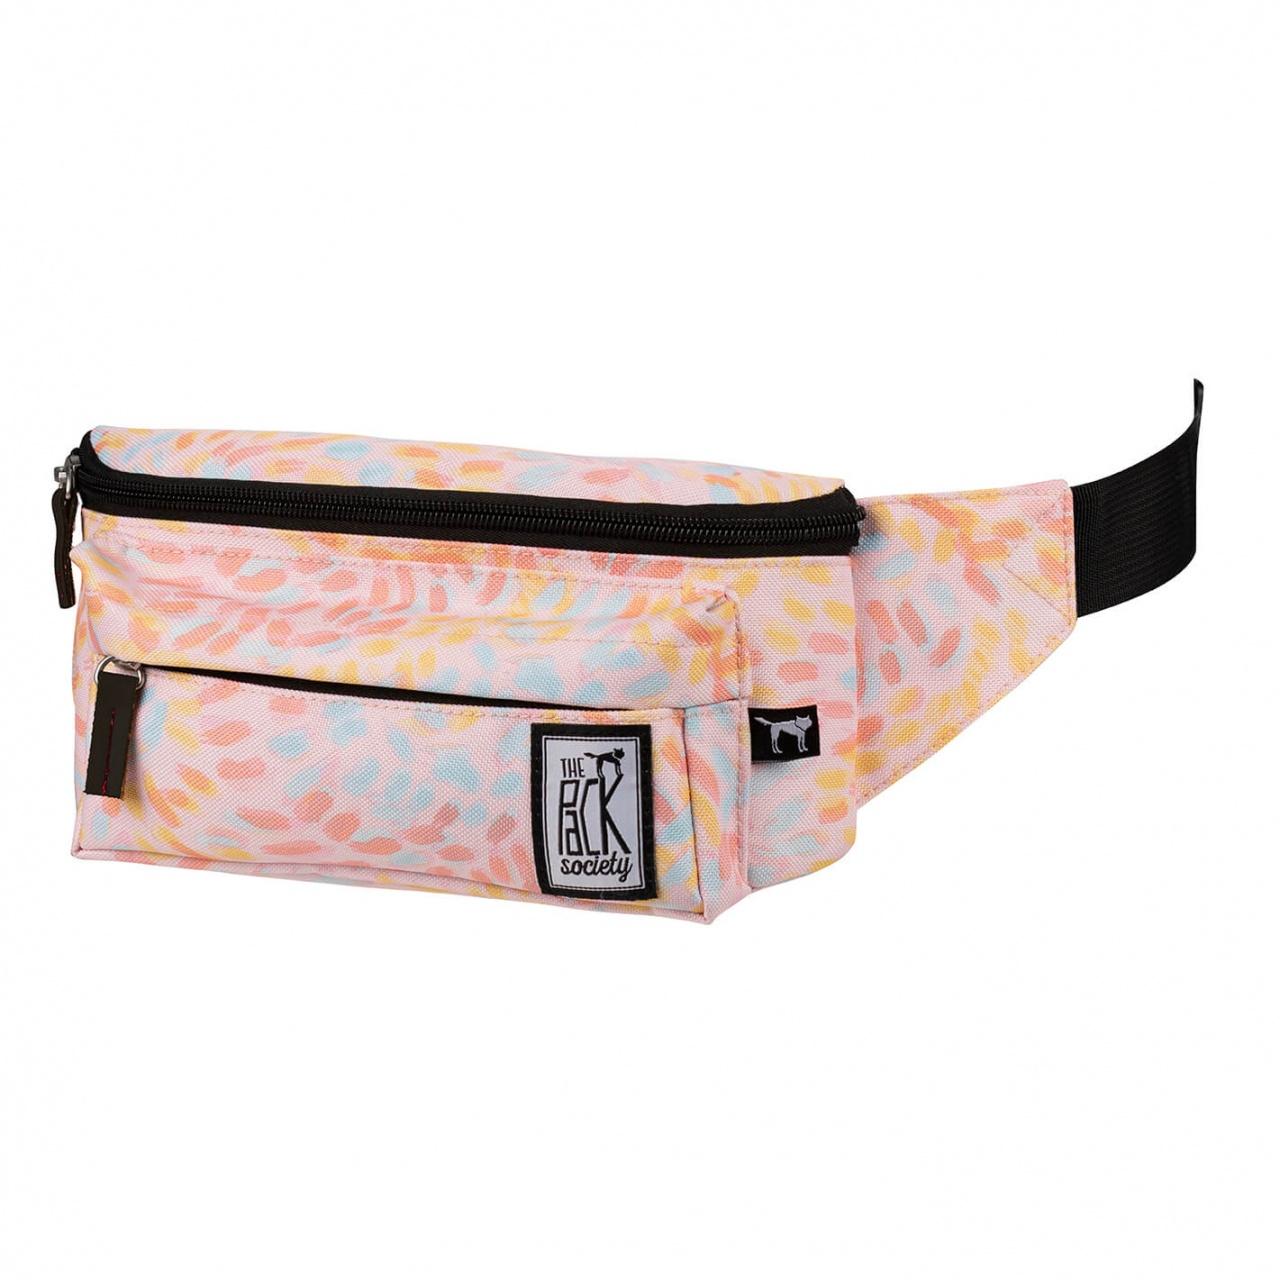 Borsetă The Pack Society Bum Bag